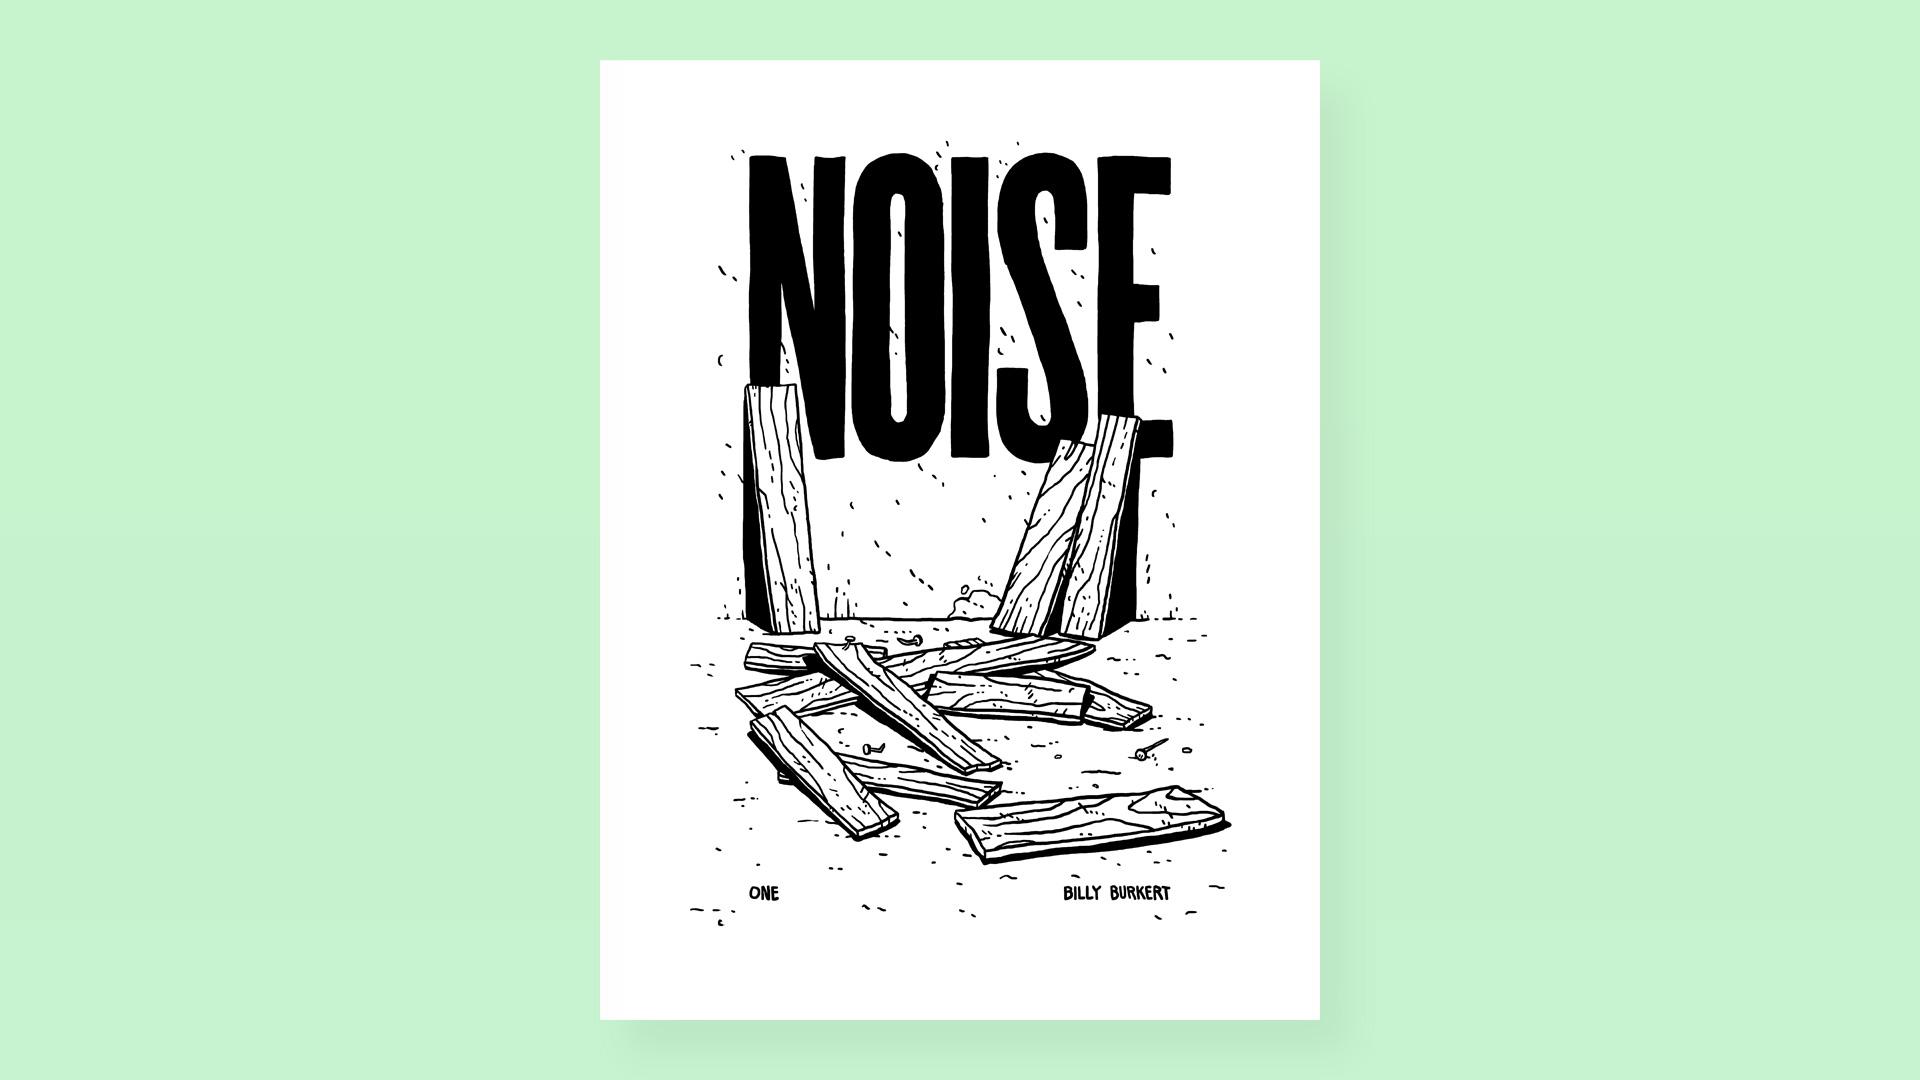 Noise_0101